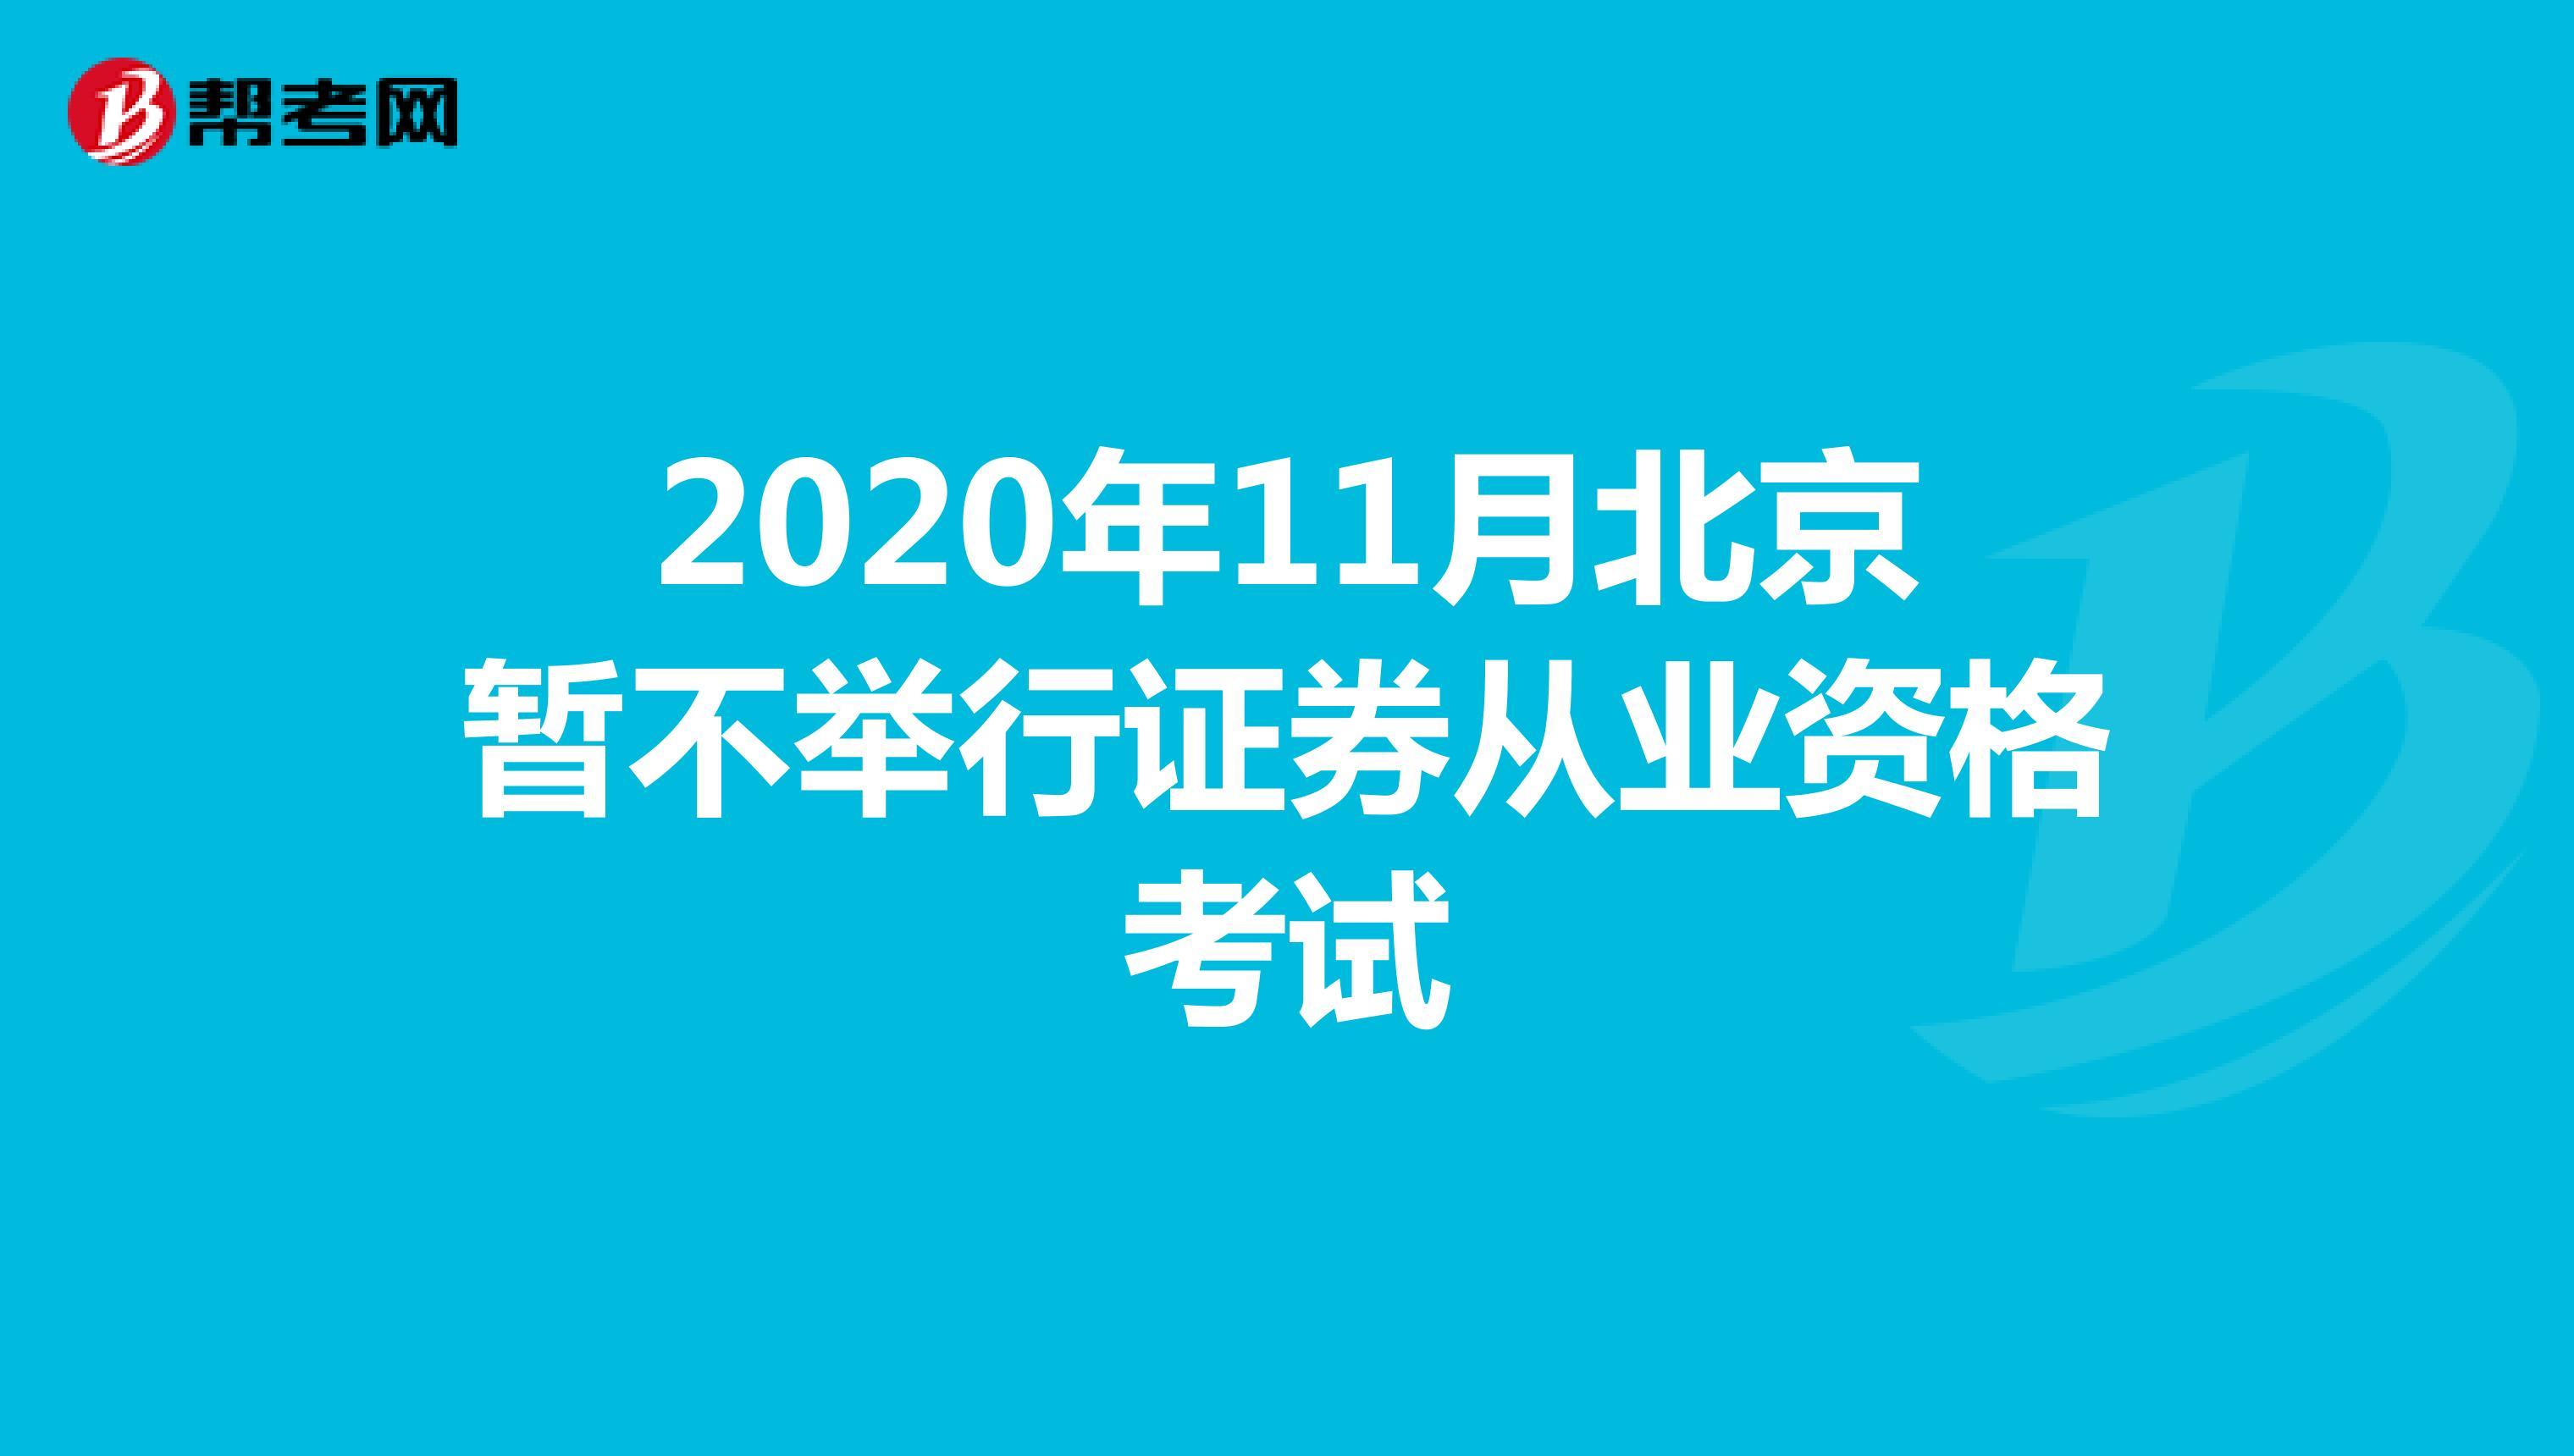 2020年11月北京暂不举行证券从业资格考试